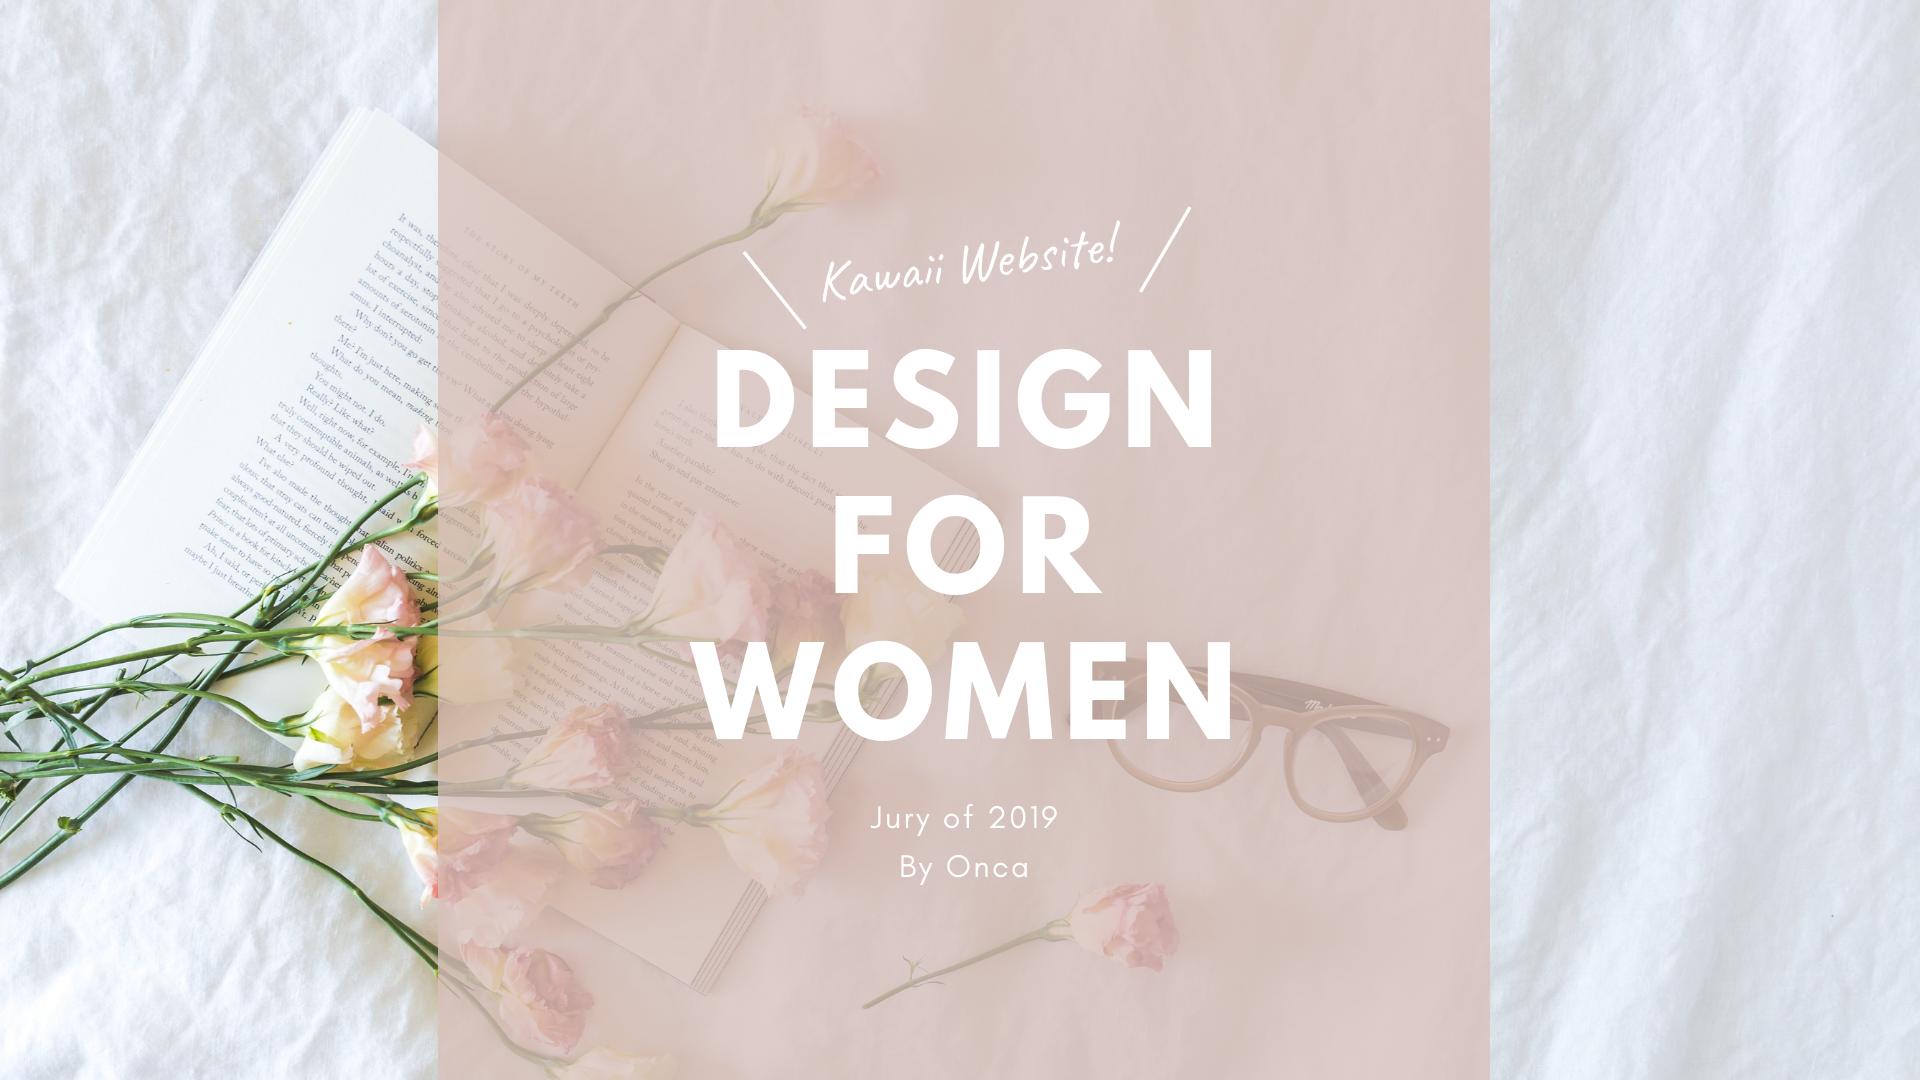 Design for women